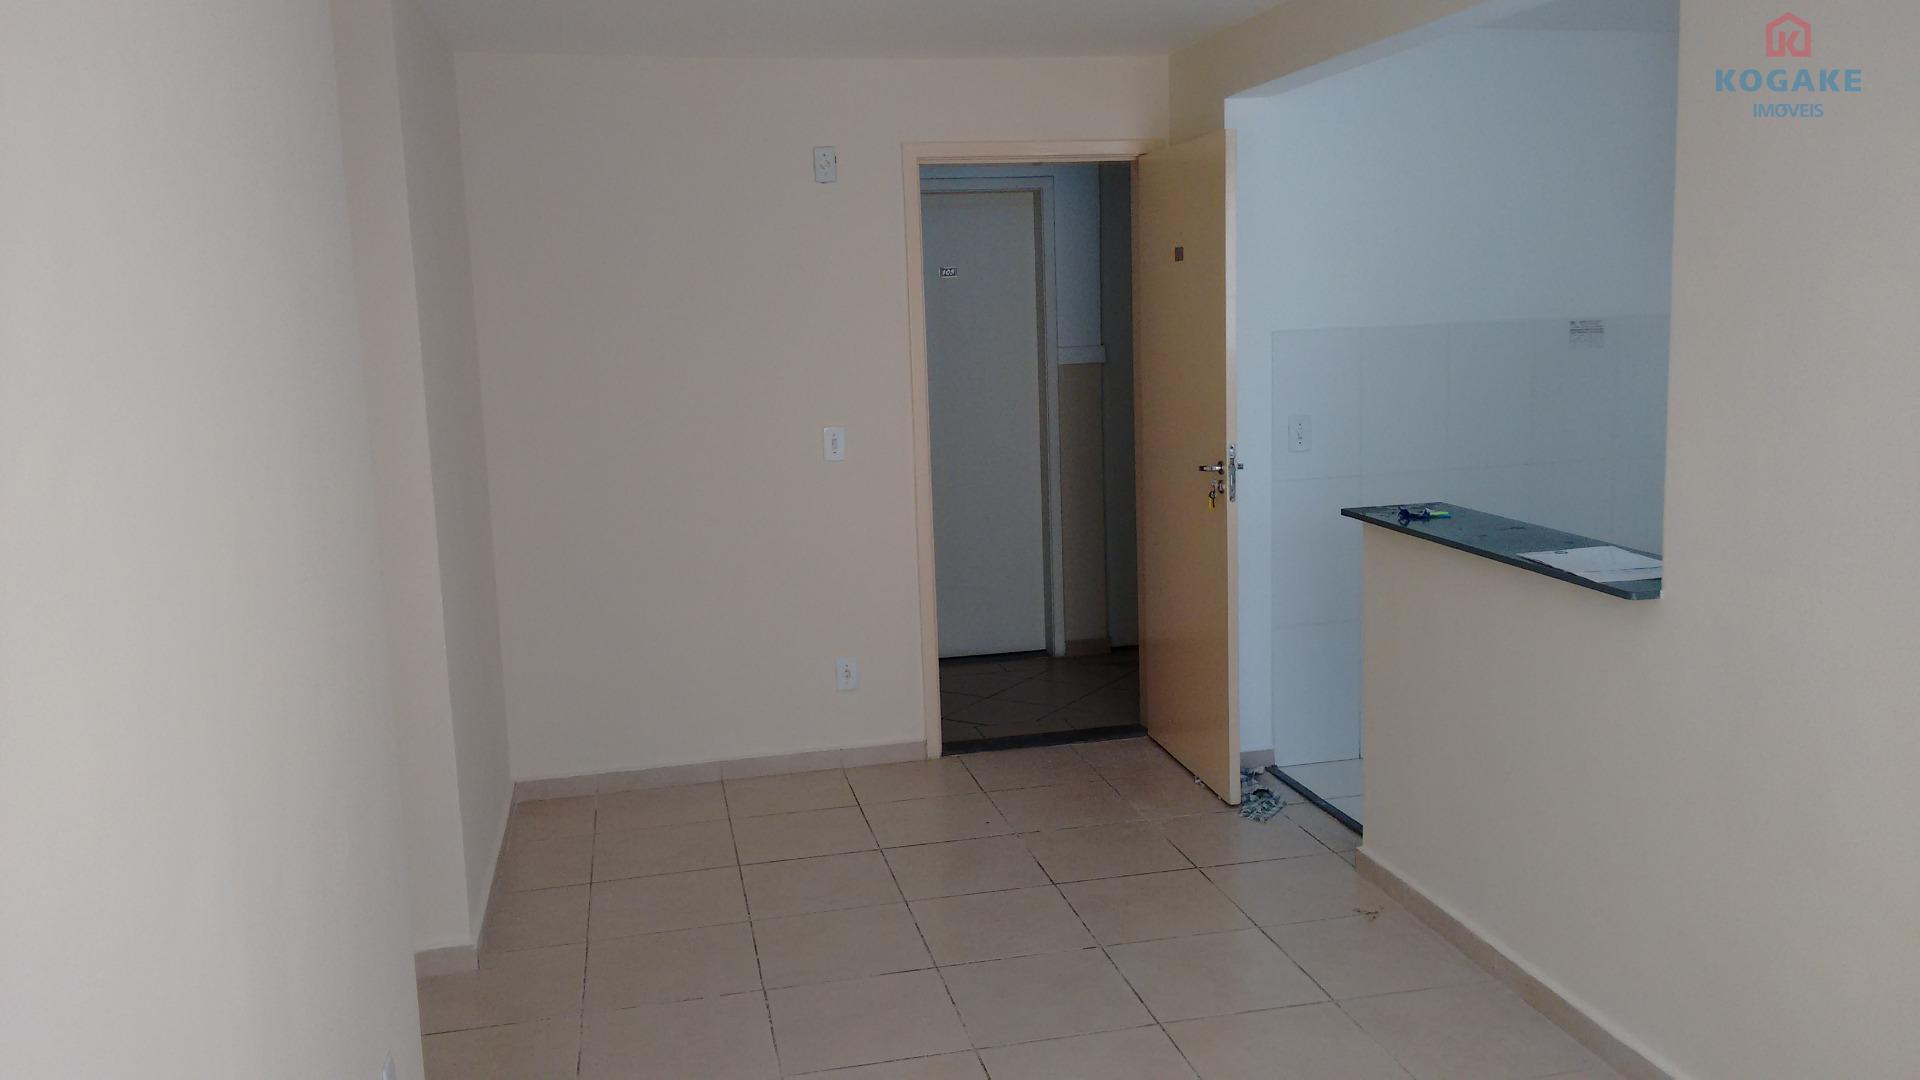 Apartamento residencial para venda e locação, Jardim América, São José dos Campos - AP3000.